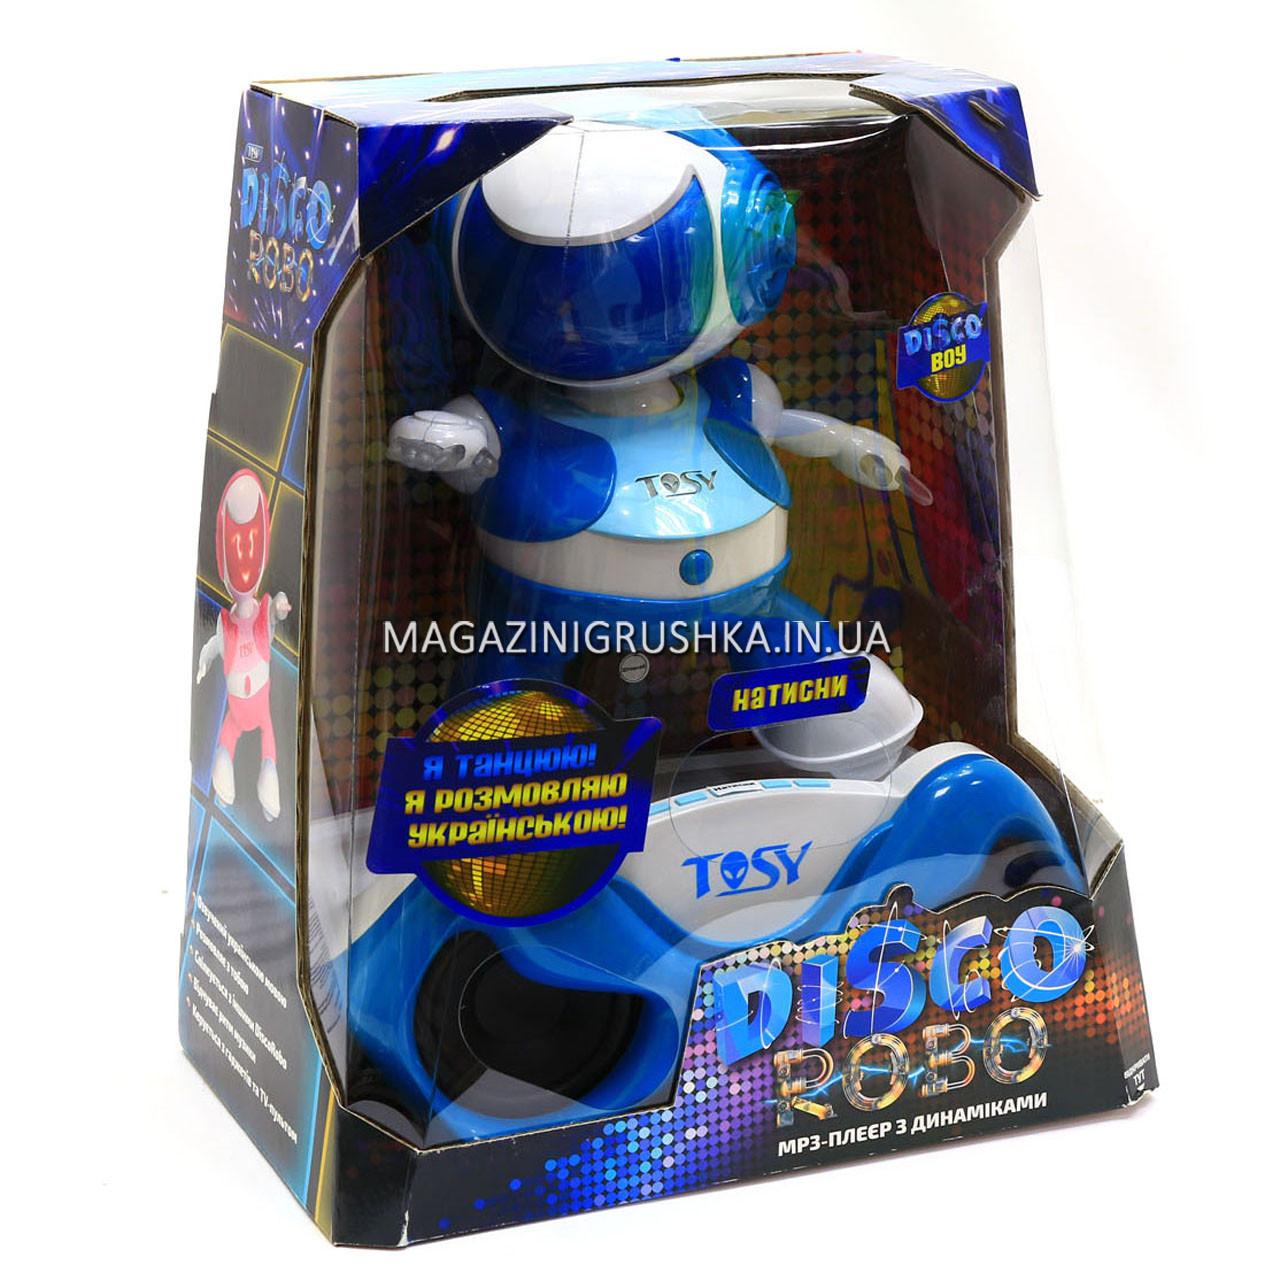 Набор с интерактивным роботом TOSY Robotics DiscoRobo Лукас Диджей TDV107-U